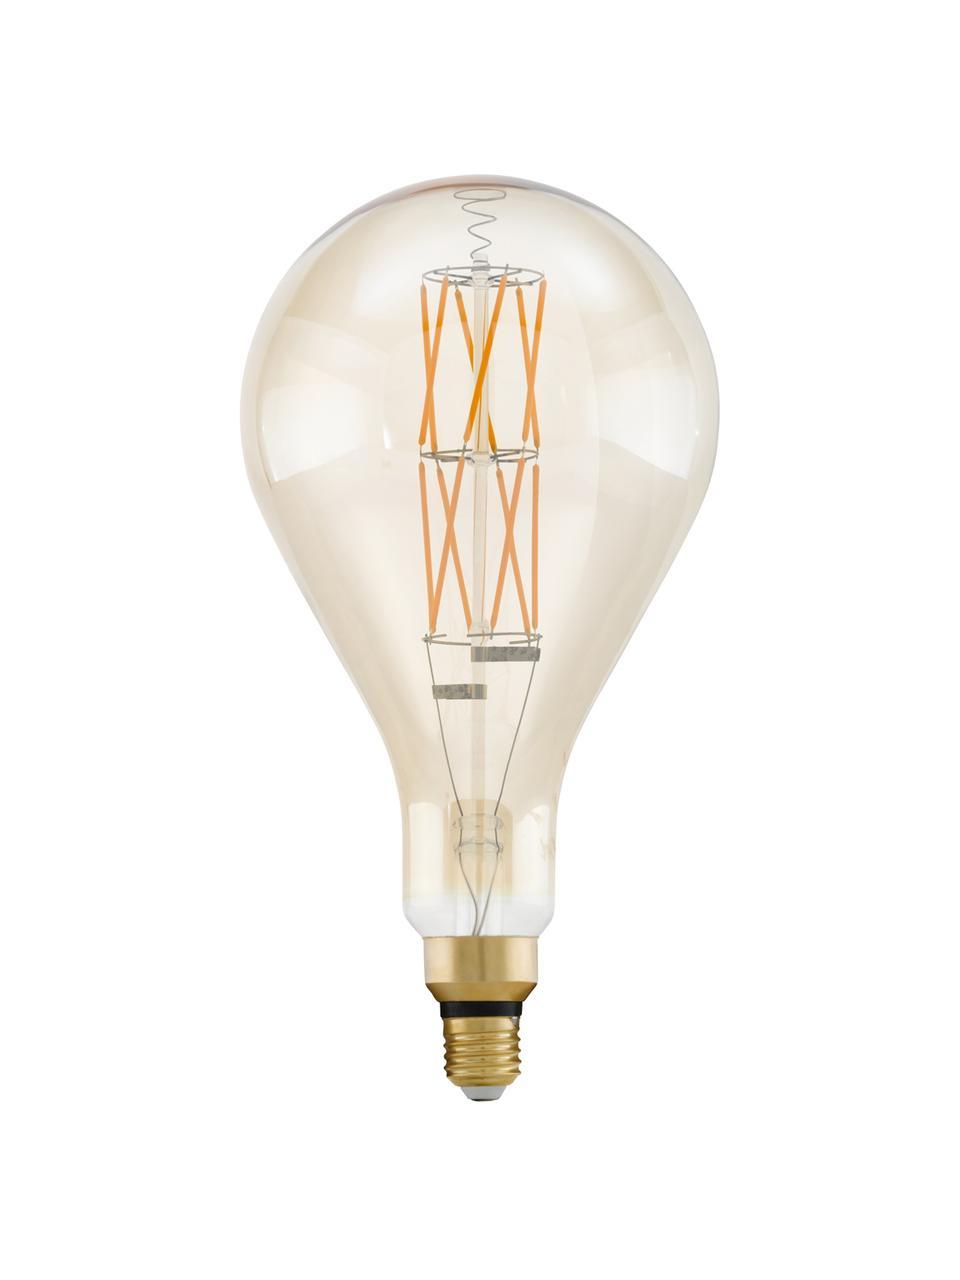 E27 XL-Leuchtmittel, 8W, dimmbar, warmweiß, 1 Stück, Leuchtmittelschirm: Glas, Leuchtmittelfassung: Aluminium, Transparent, Bernsteinfarben, Ø 16 x H 30 cm